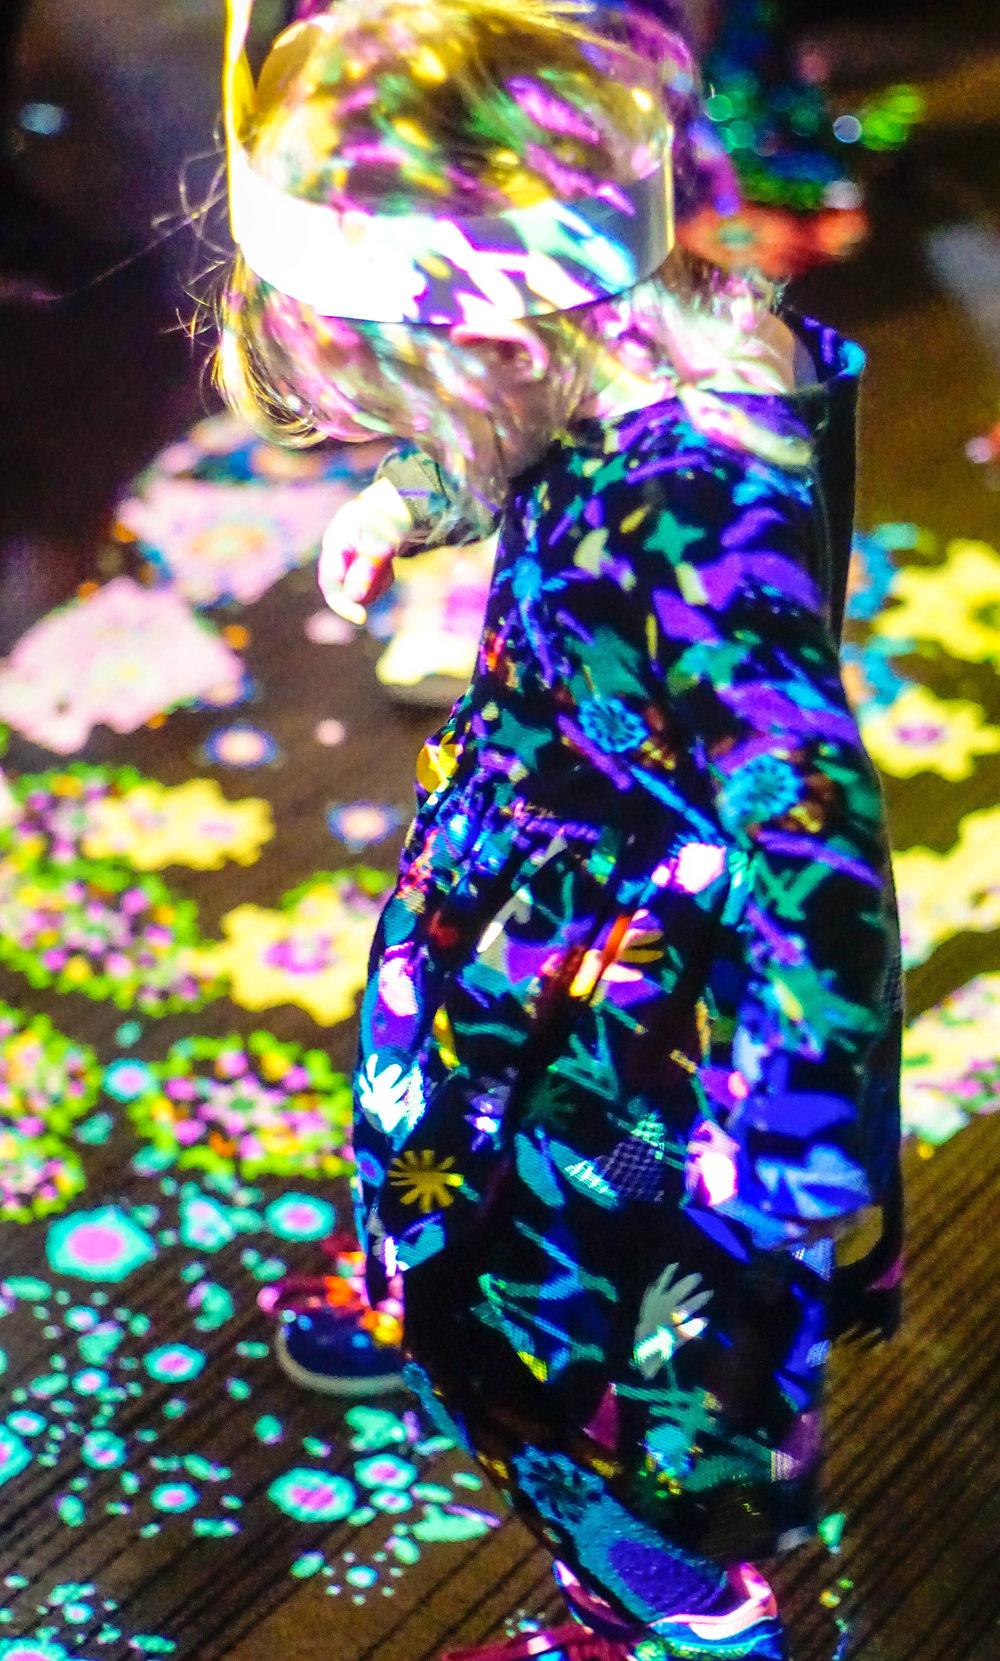 Dancing Lights West Projections 2017 - 6-5.jpg